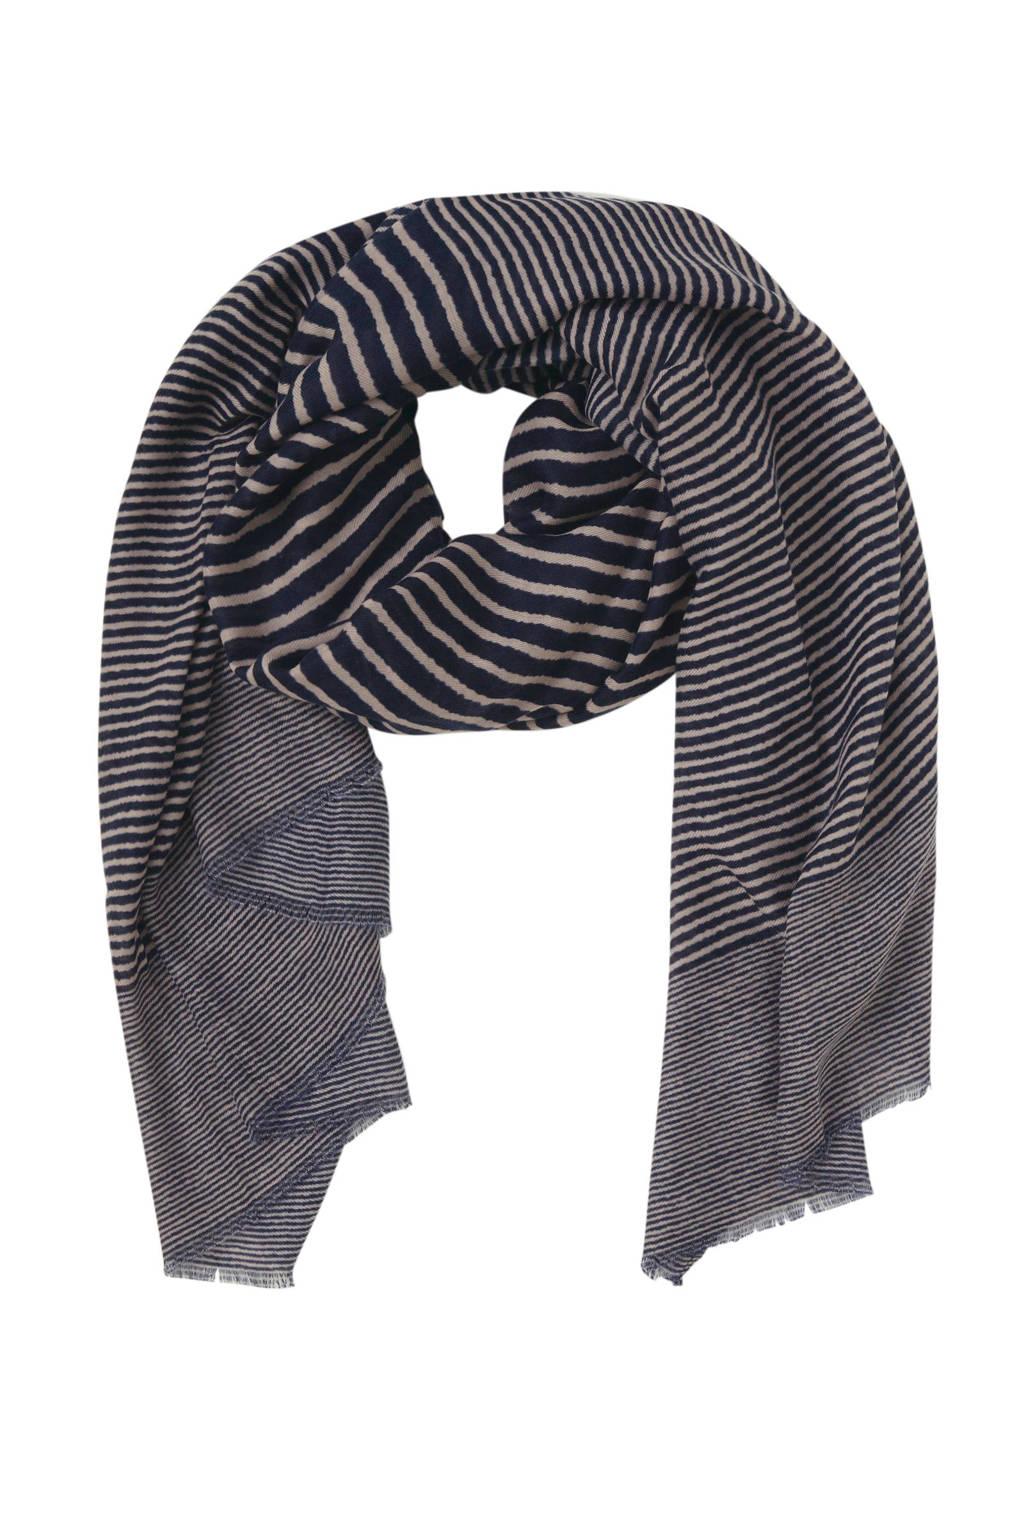 ONLY sjaal met all over print, Donkerblauw / beige